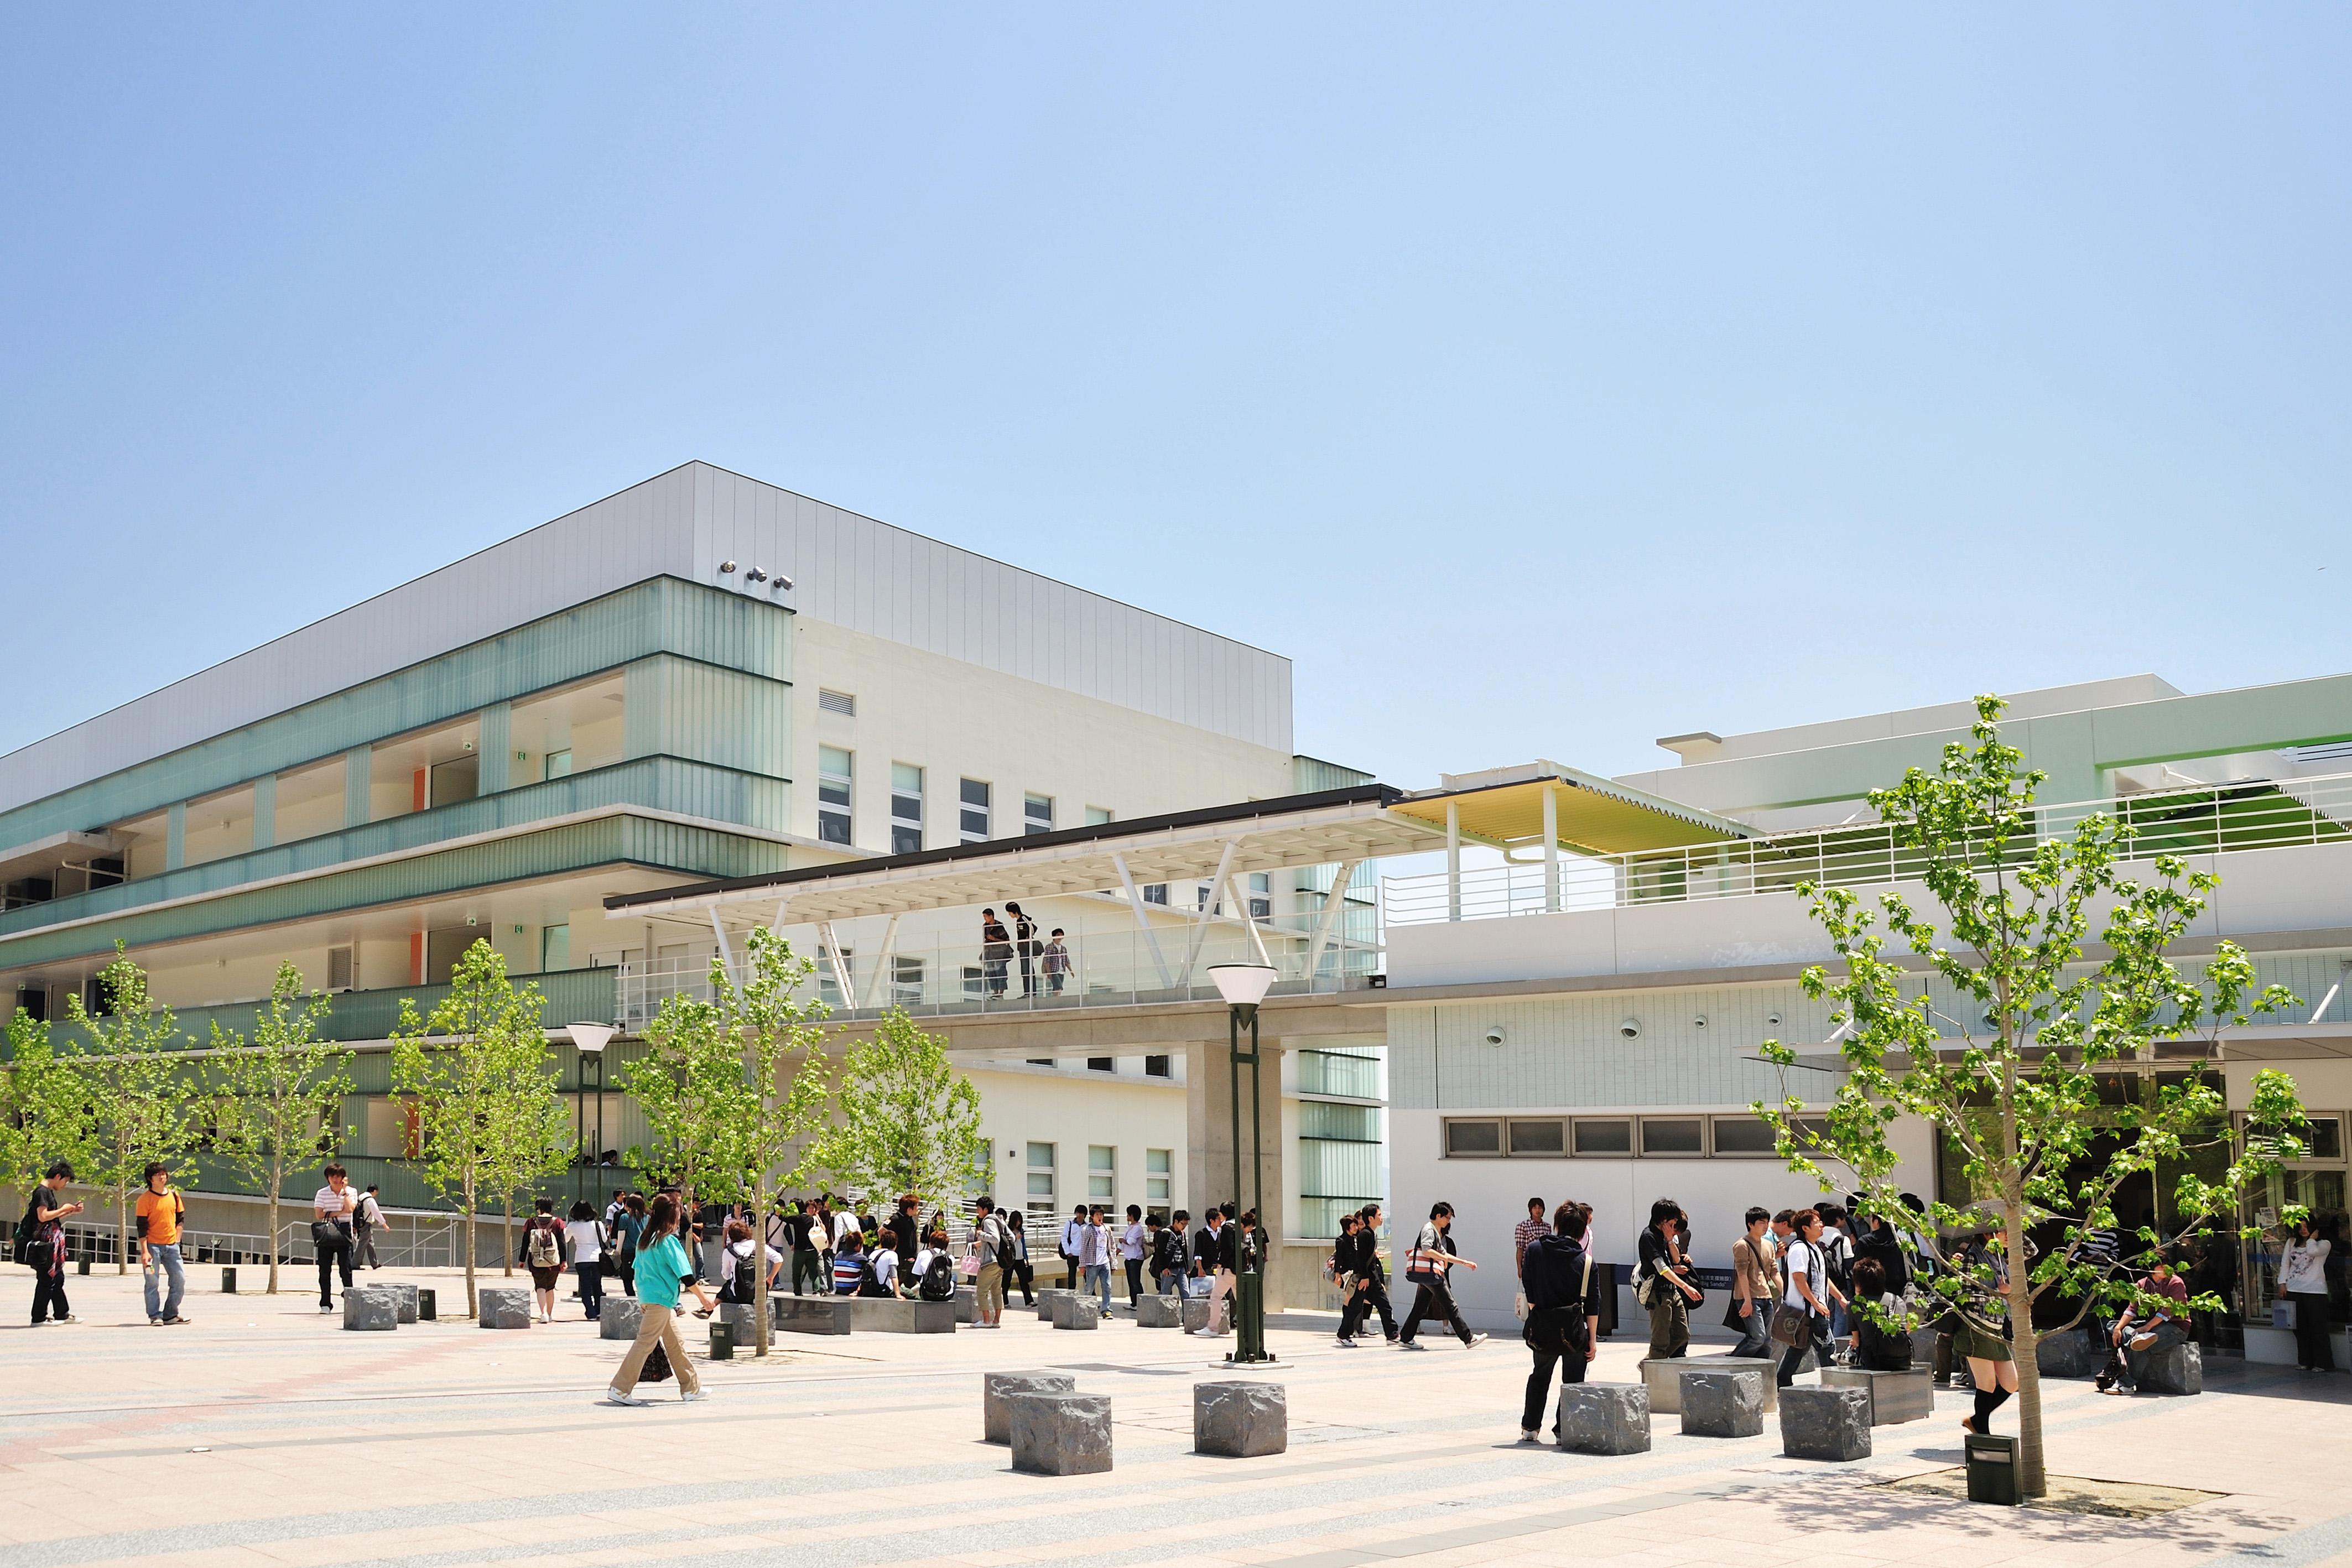 九州大学伊都キャンパス(2009)の画像